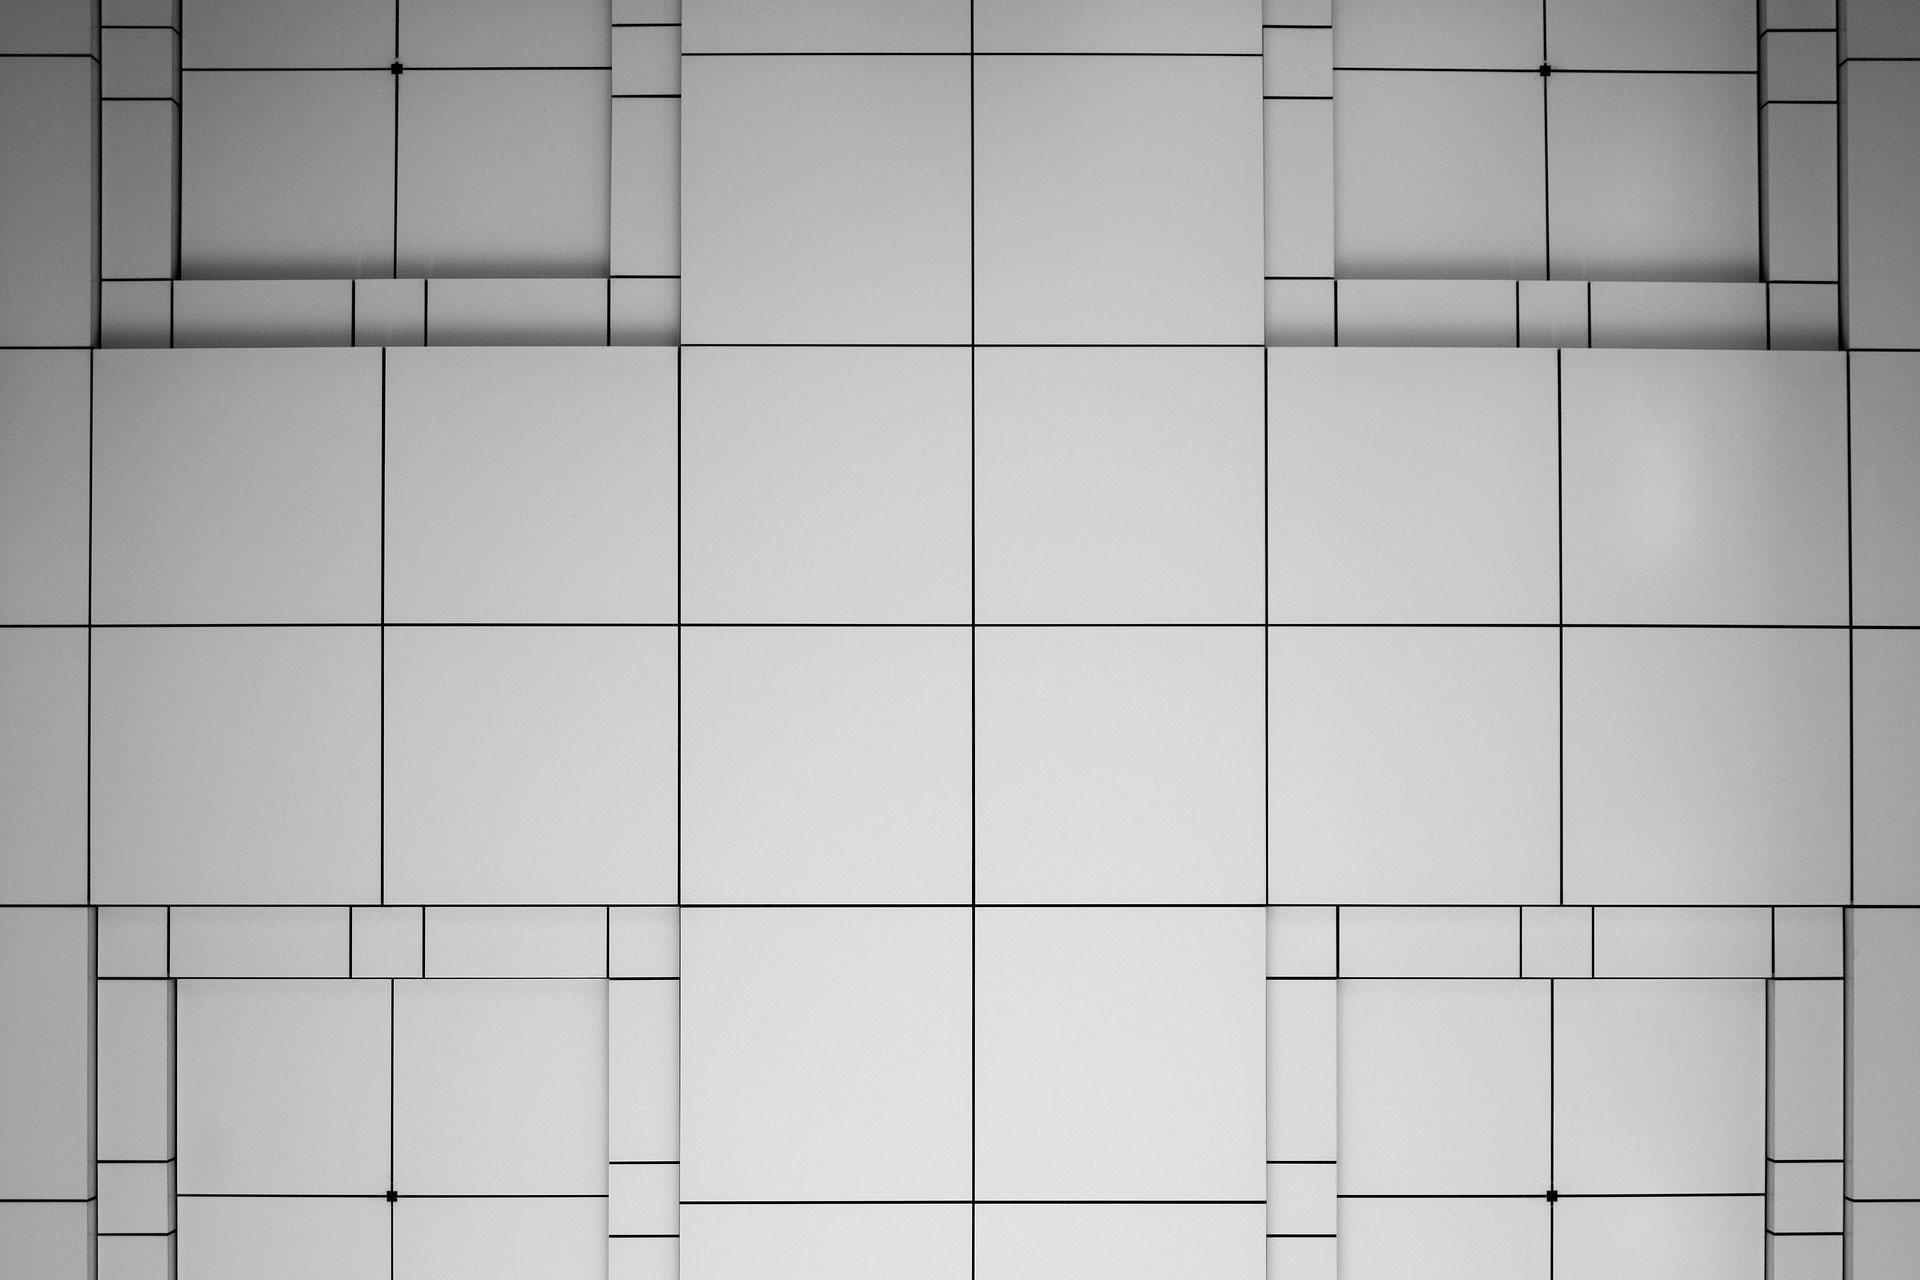 système de grille de Bootstrap